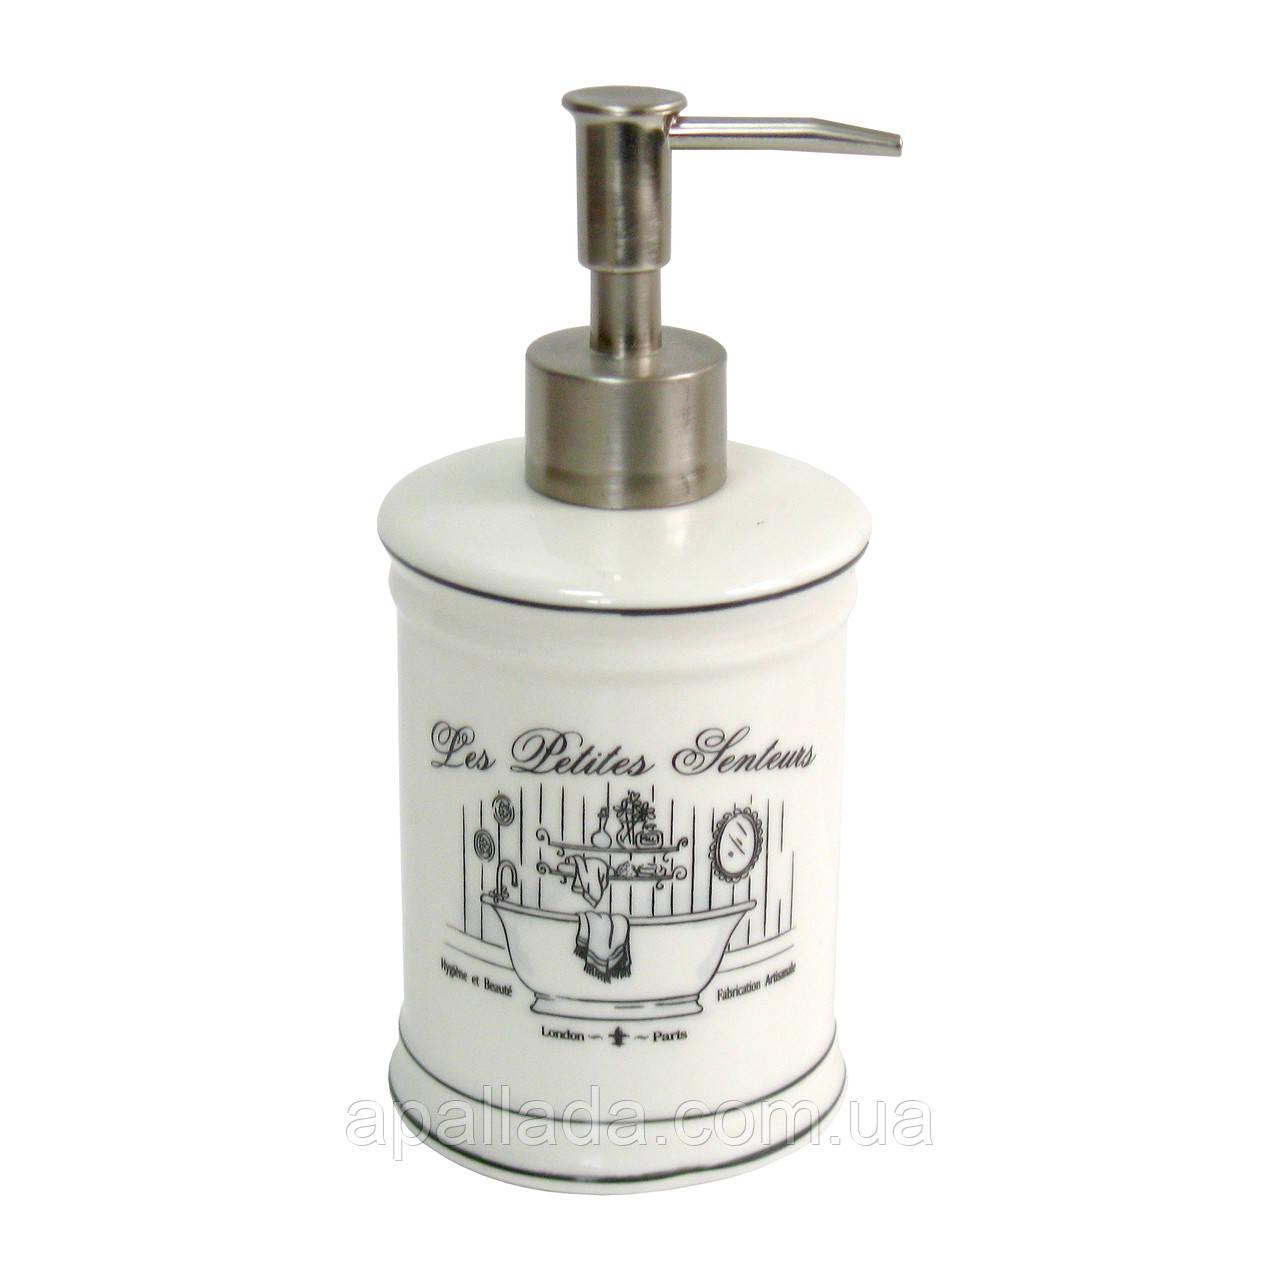 Диспенсер фарфоровий для рідкого мила/лосьйону,18*8см.